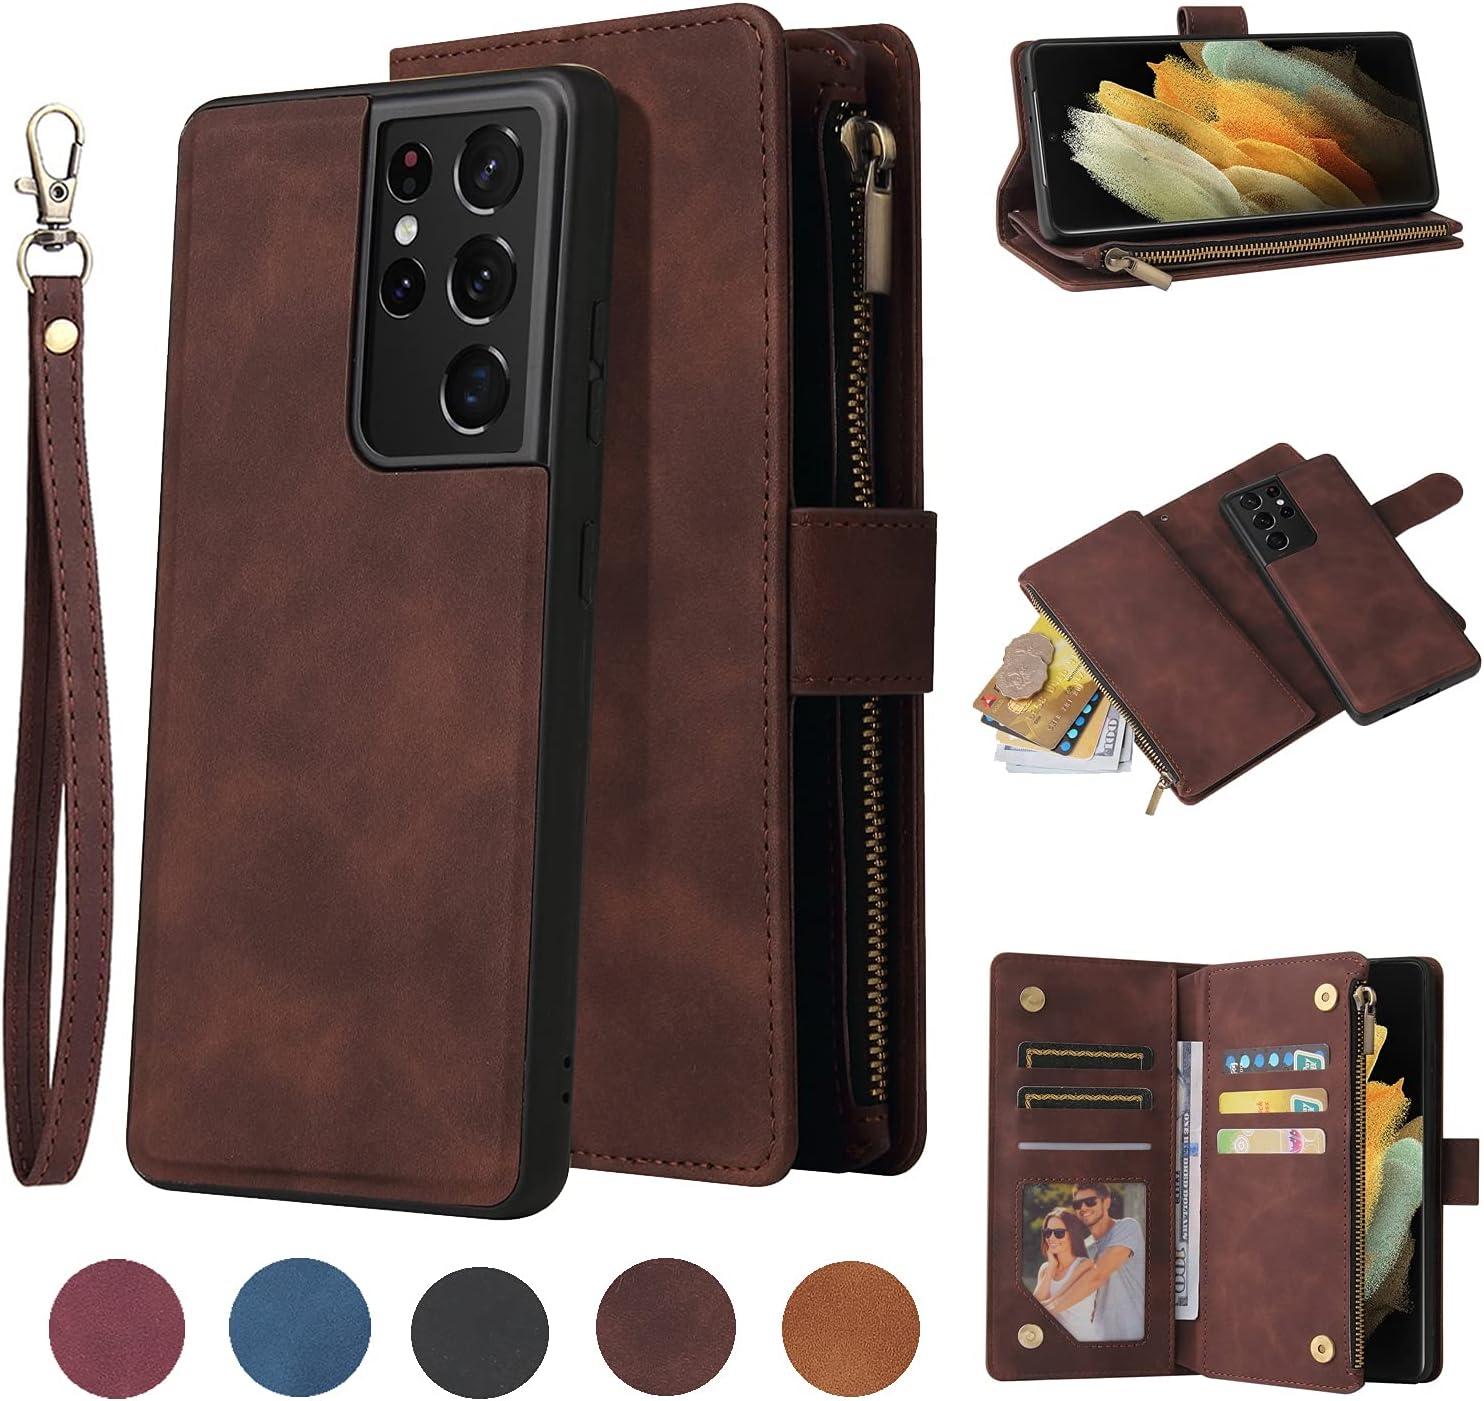 LBYZCASE Wallet Case for Galaxy S21 Plus,Samsung S21+ Case,Folio Flip Premium Leather Zipper Pocket Magnetic Detachable Case Cover[Card Slots][Wrist Strap] for Samsung Galaxy S21 Plus(Coffee)